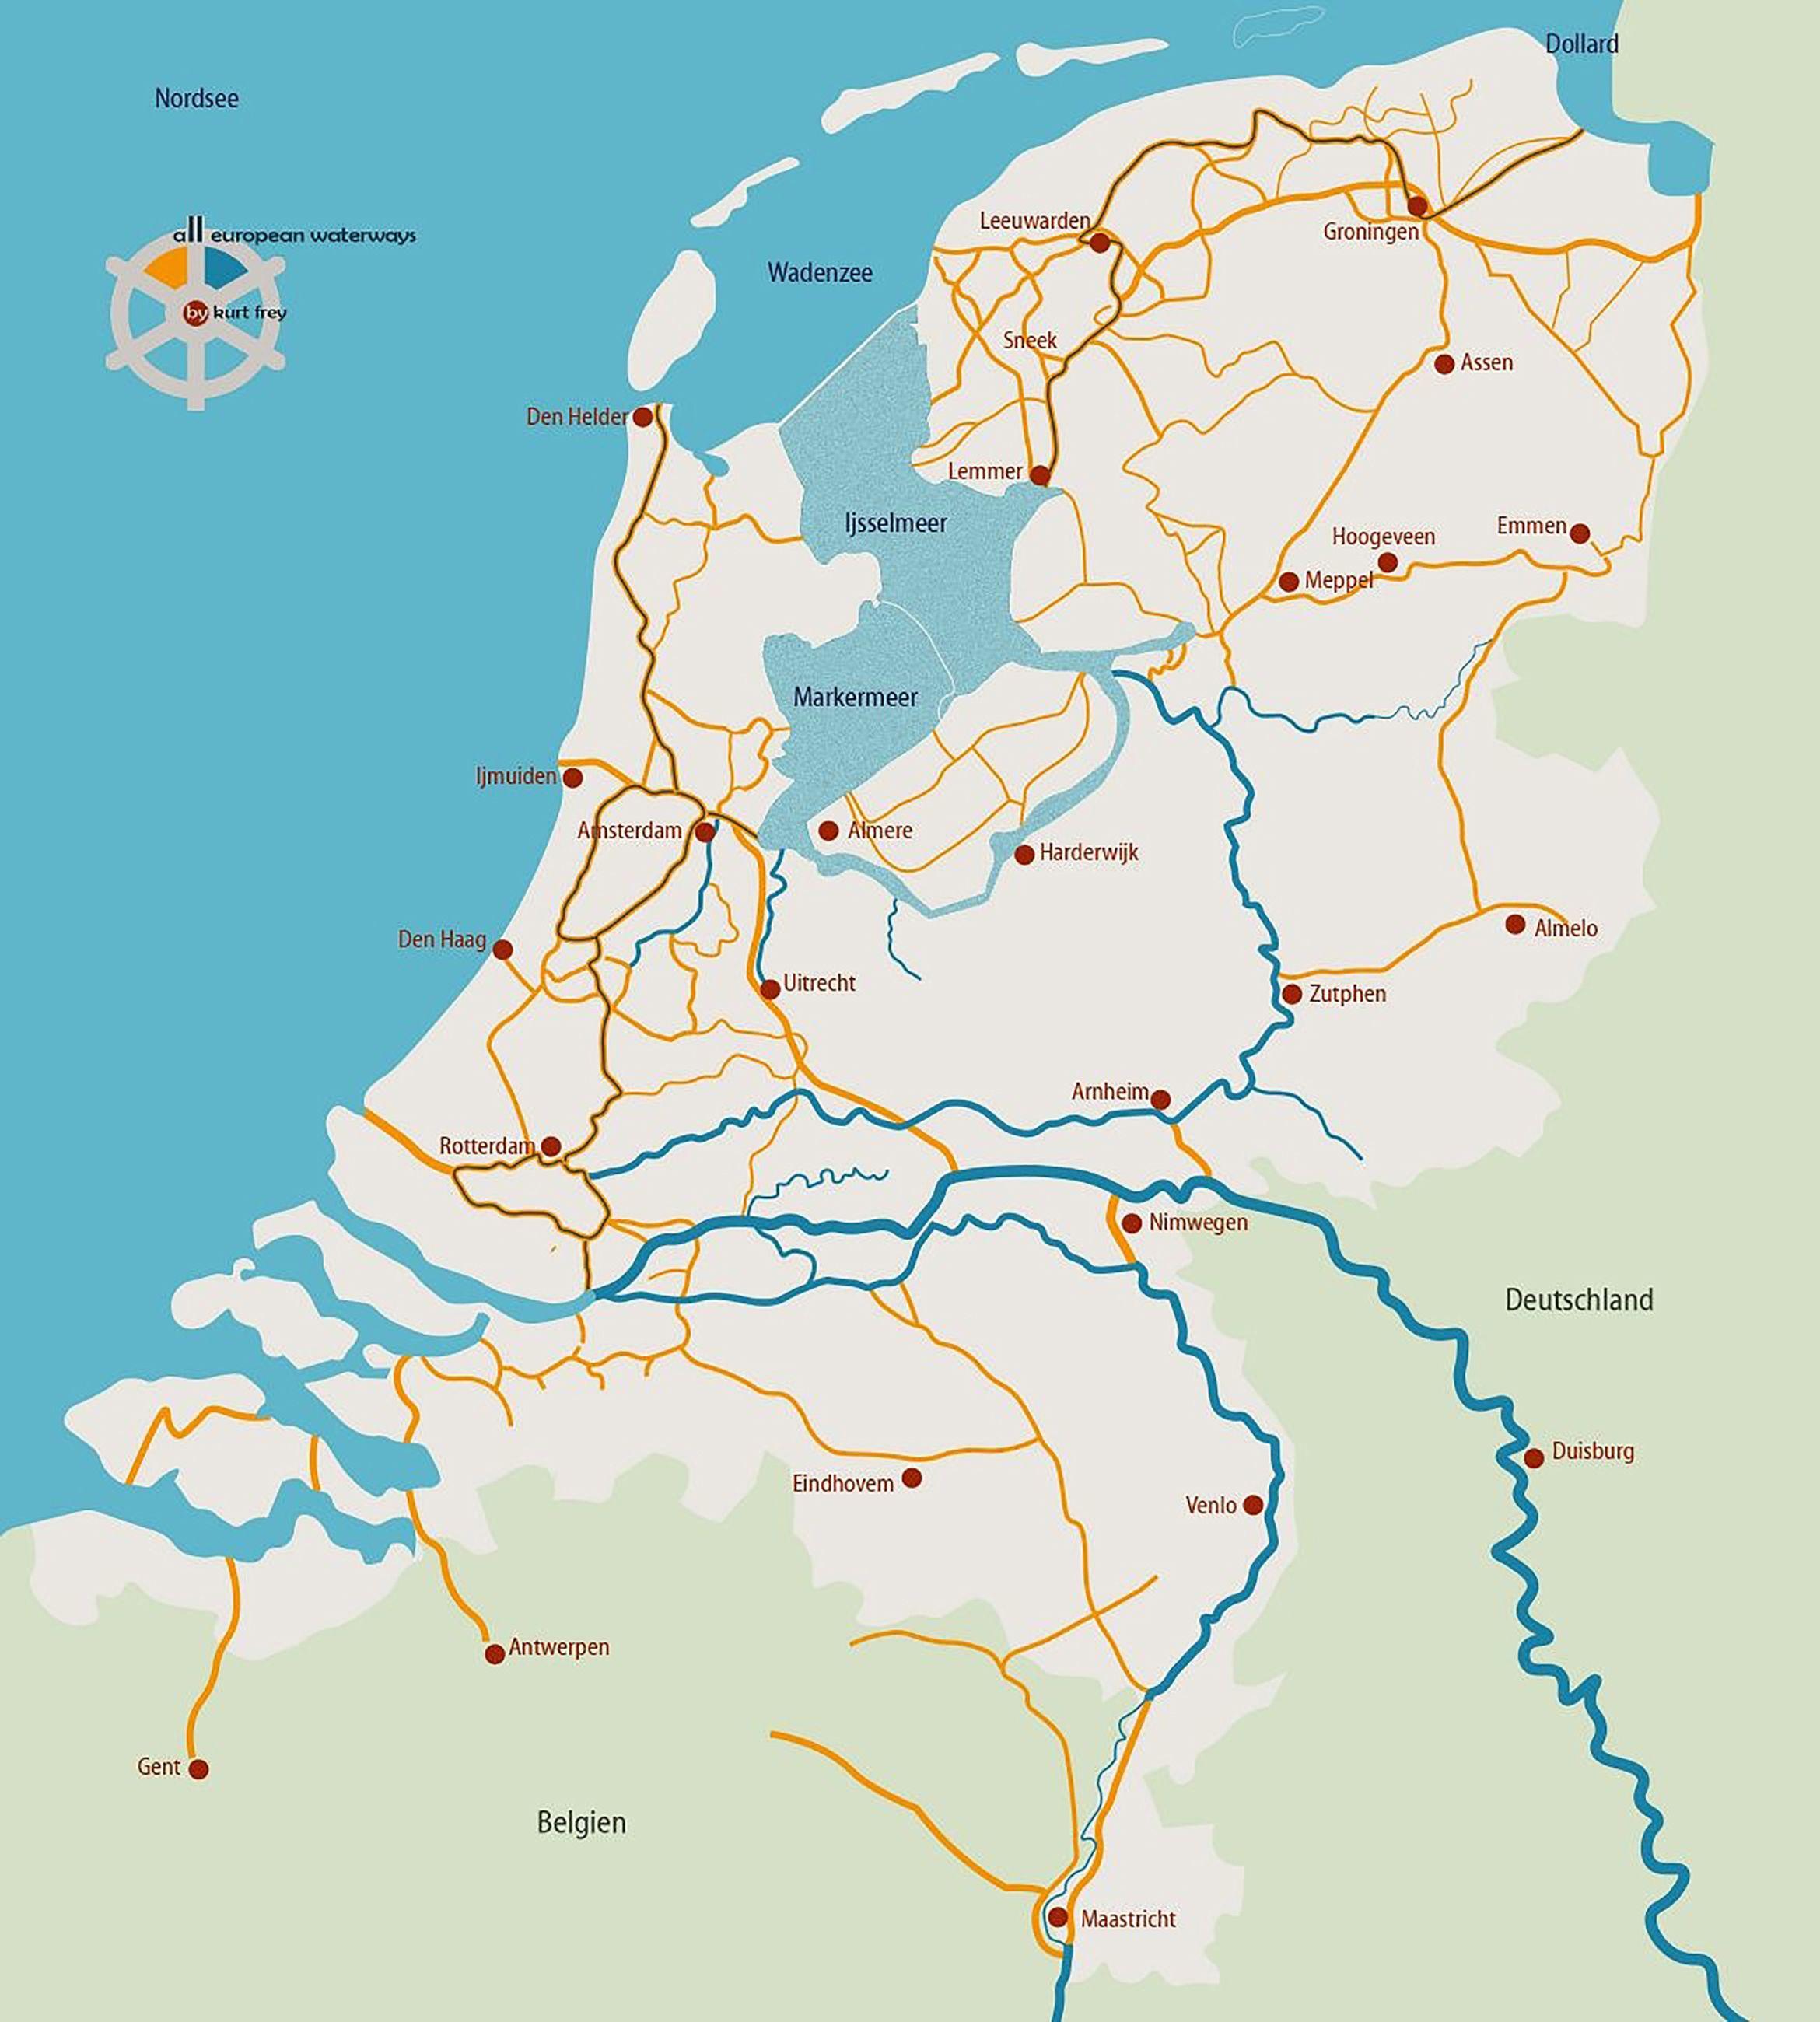 holland kanäle karte Alle schiffbaren Kanäle, Flüsse und Seen in Holland / Niederlande